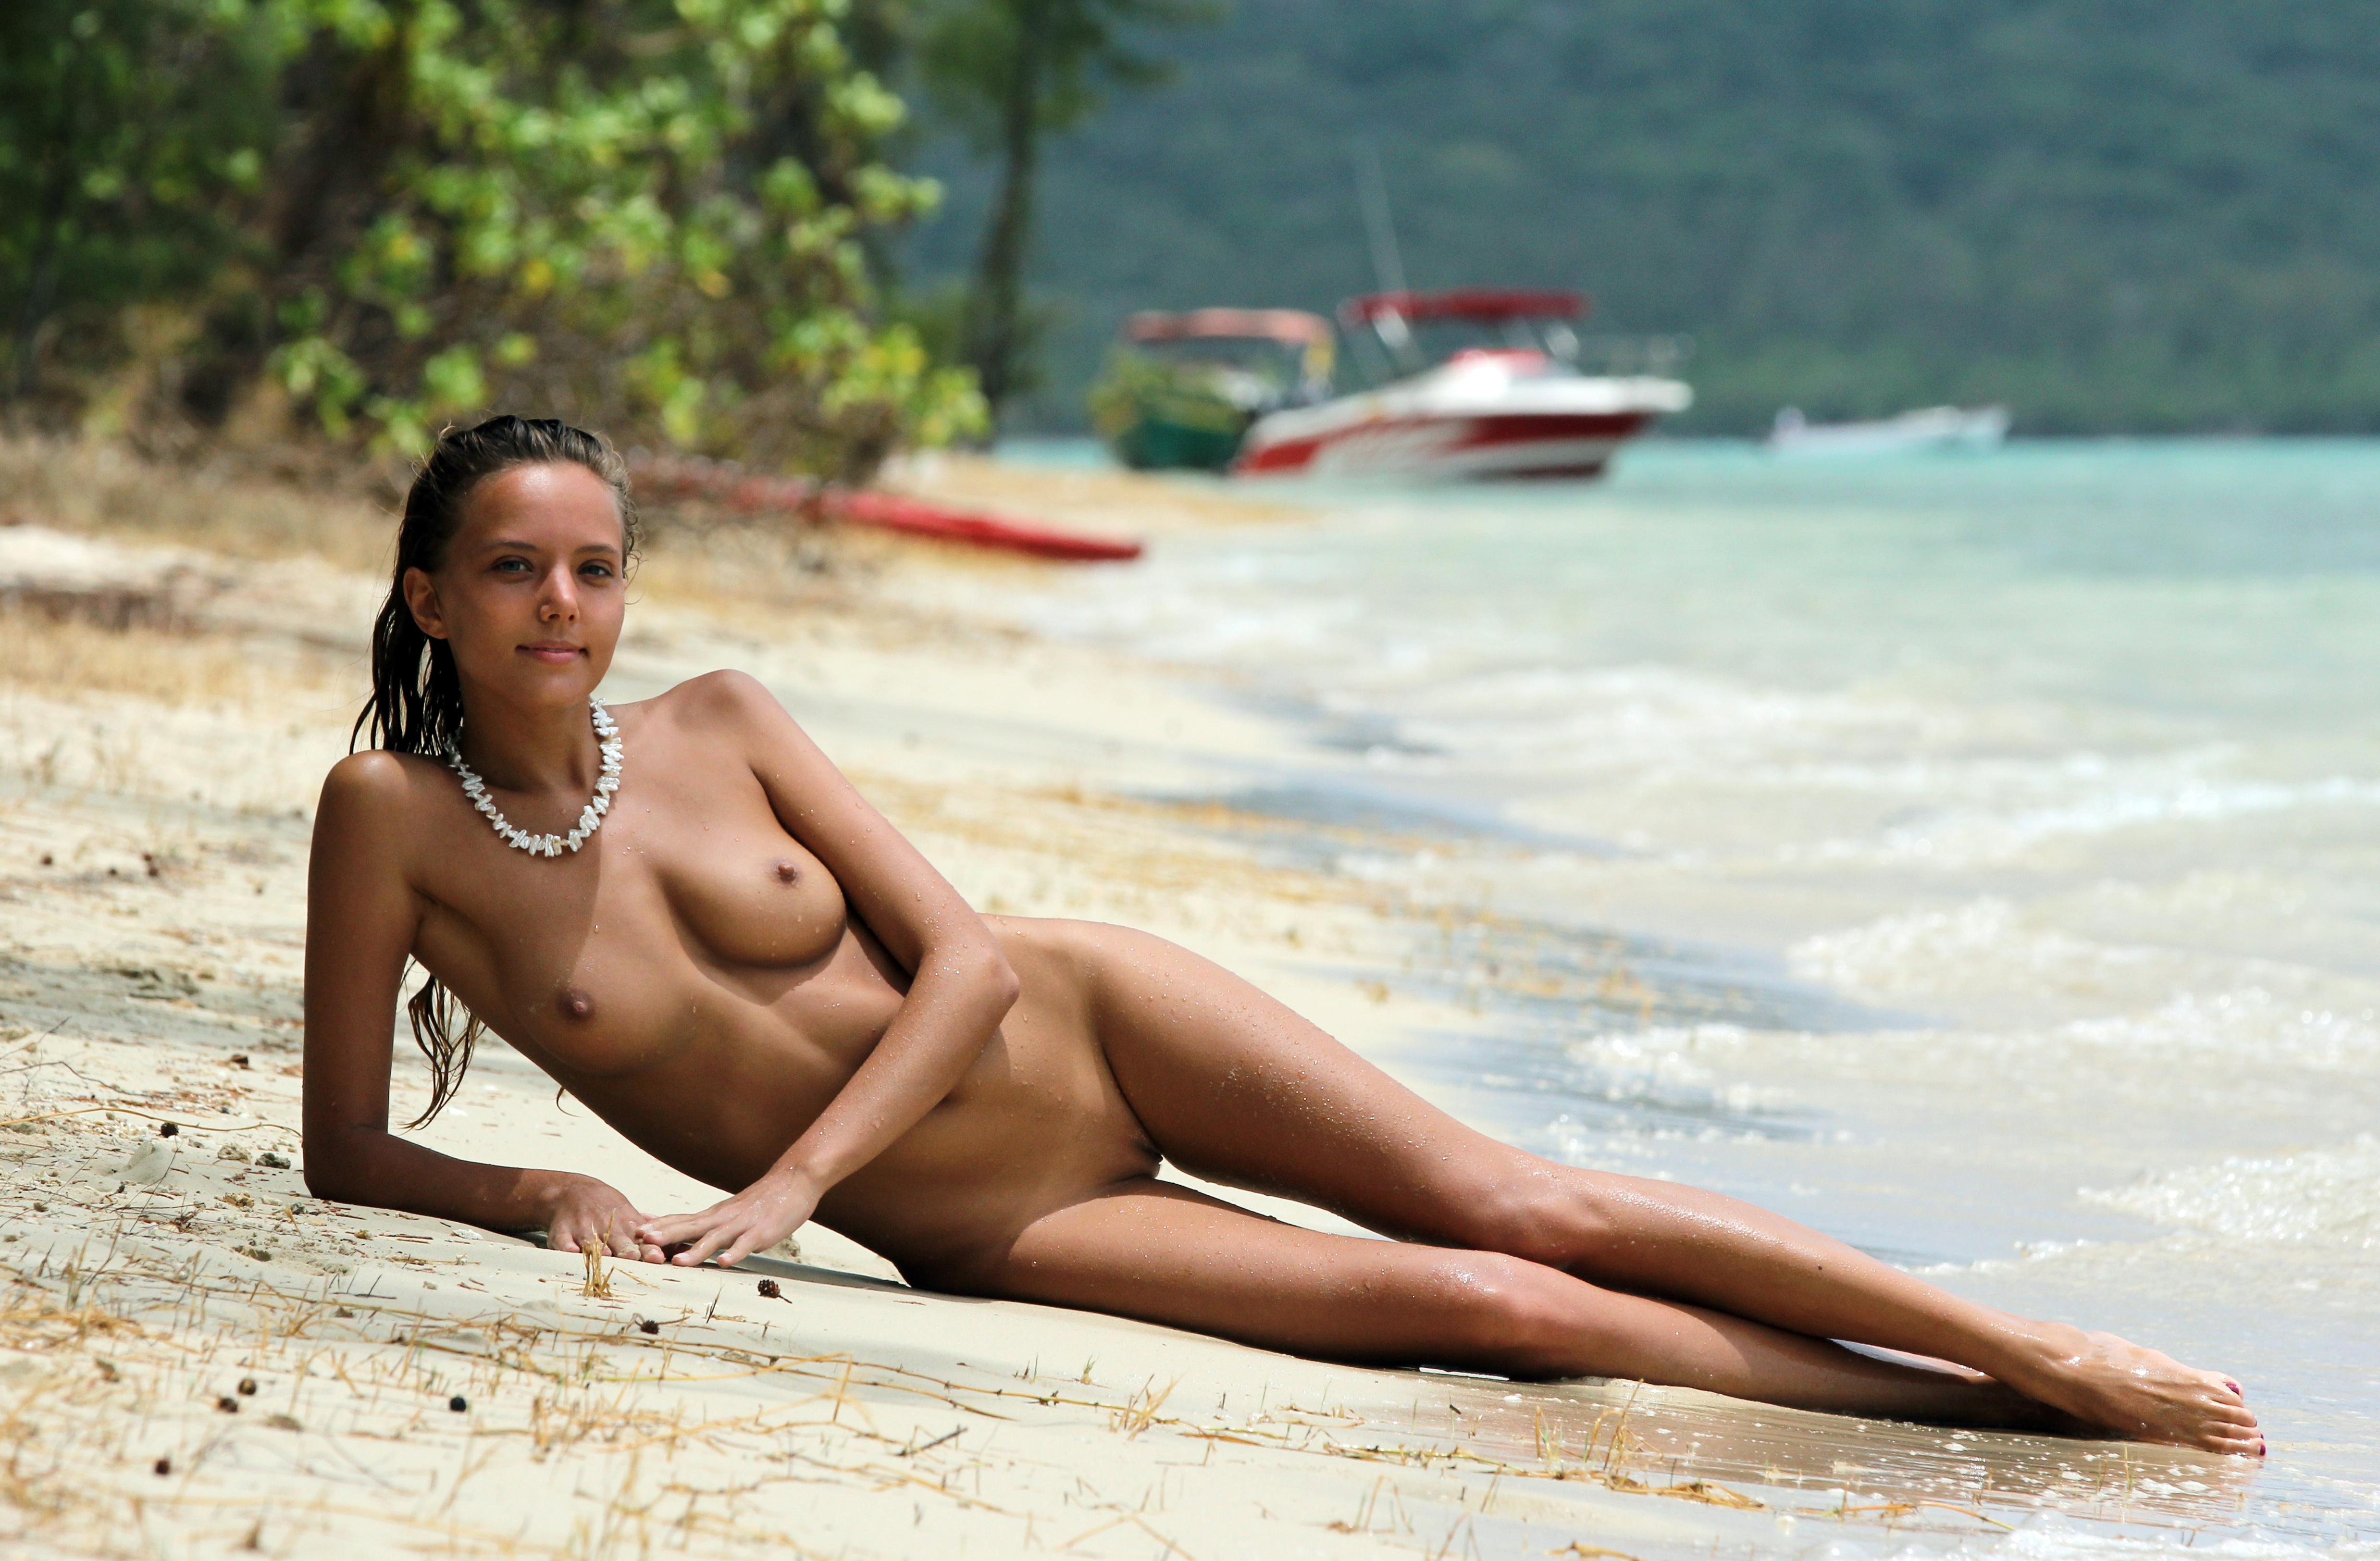 Франция пляж секс 21 фотография